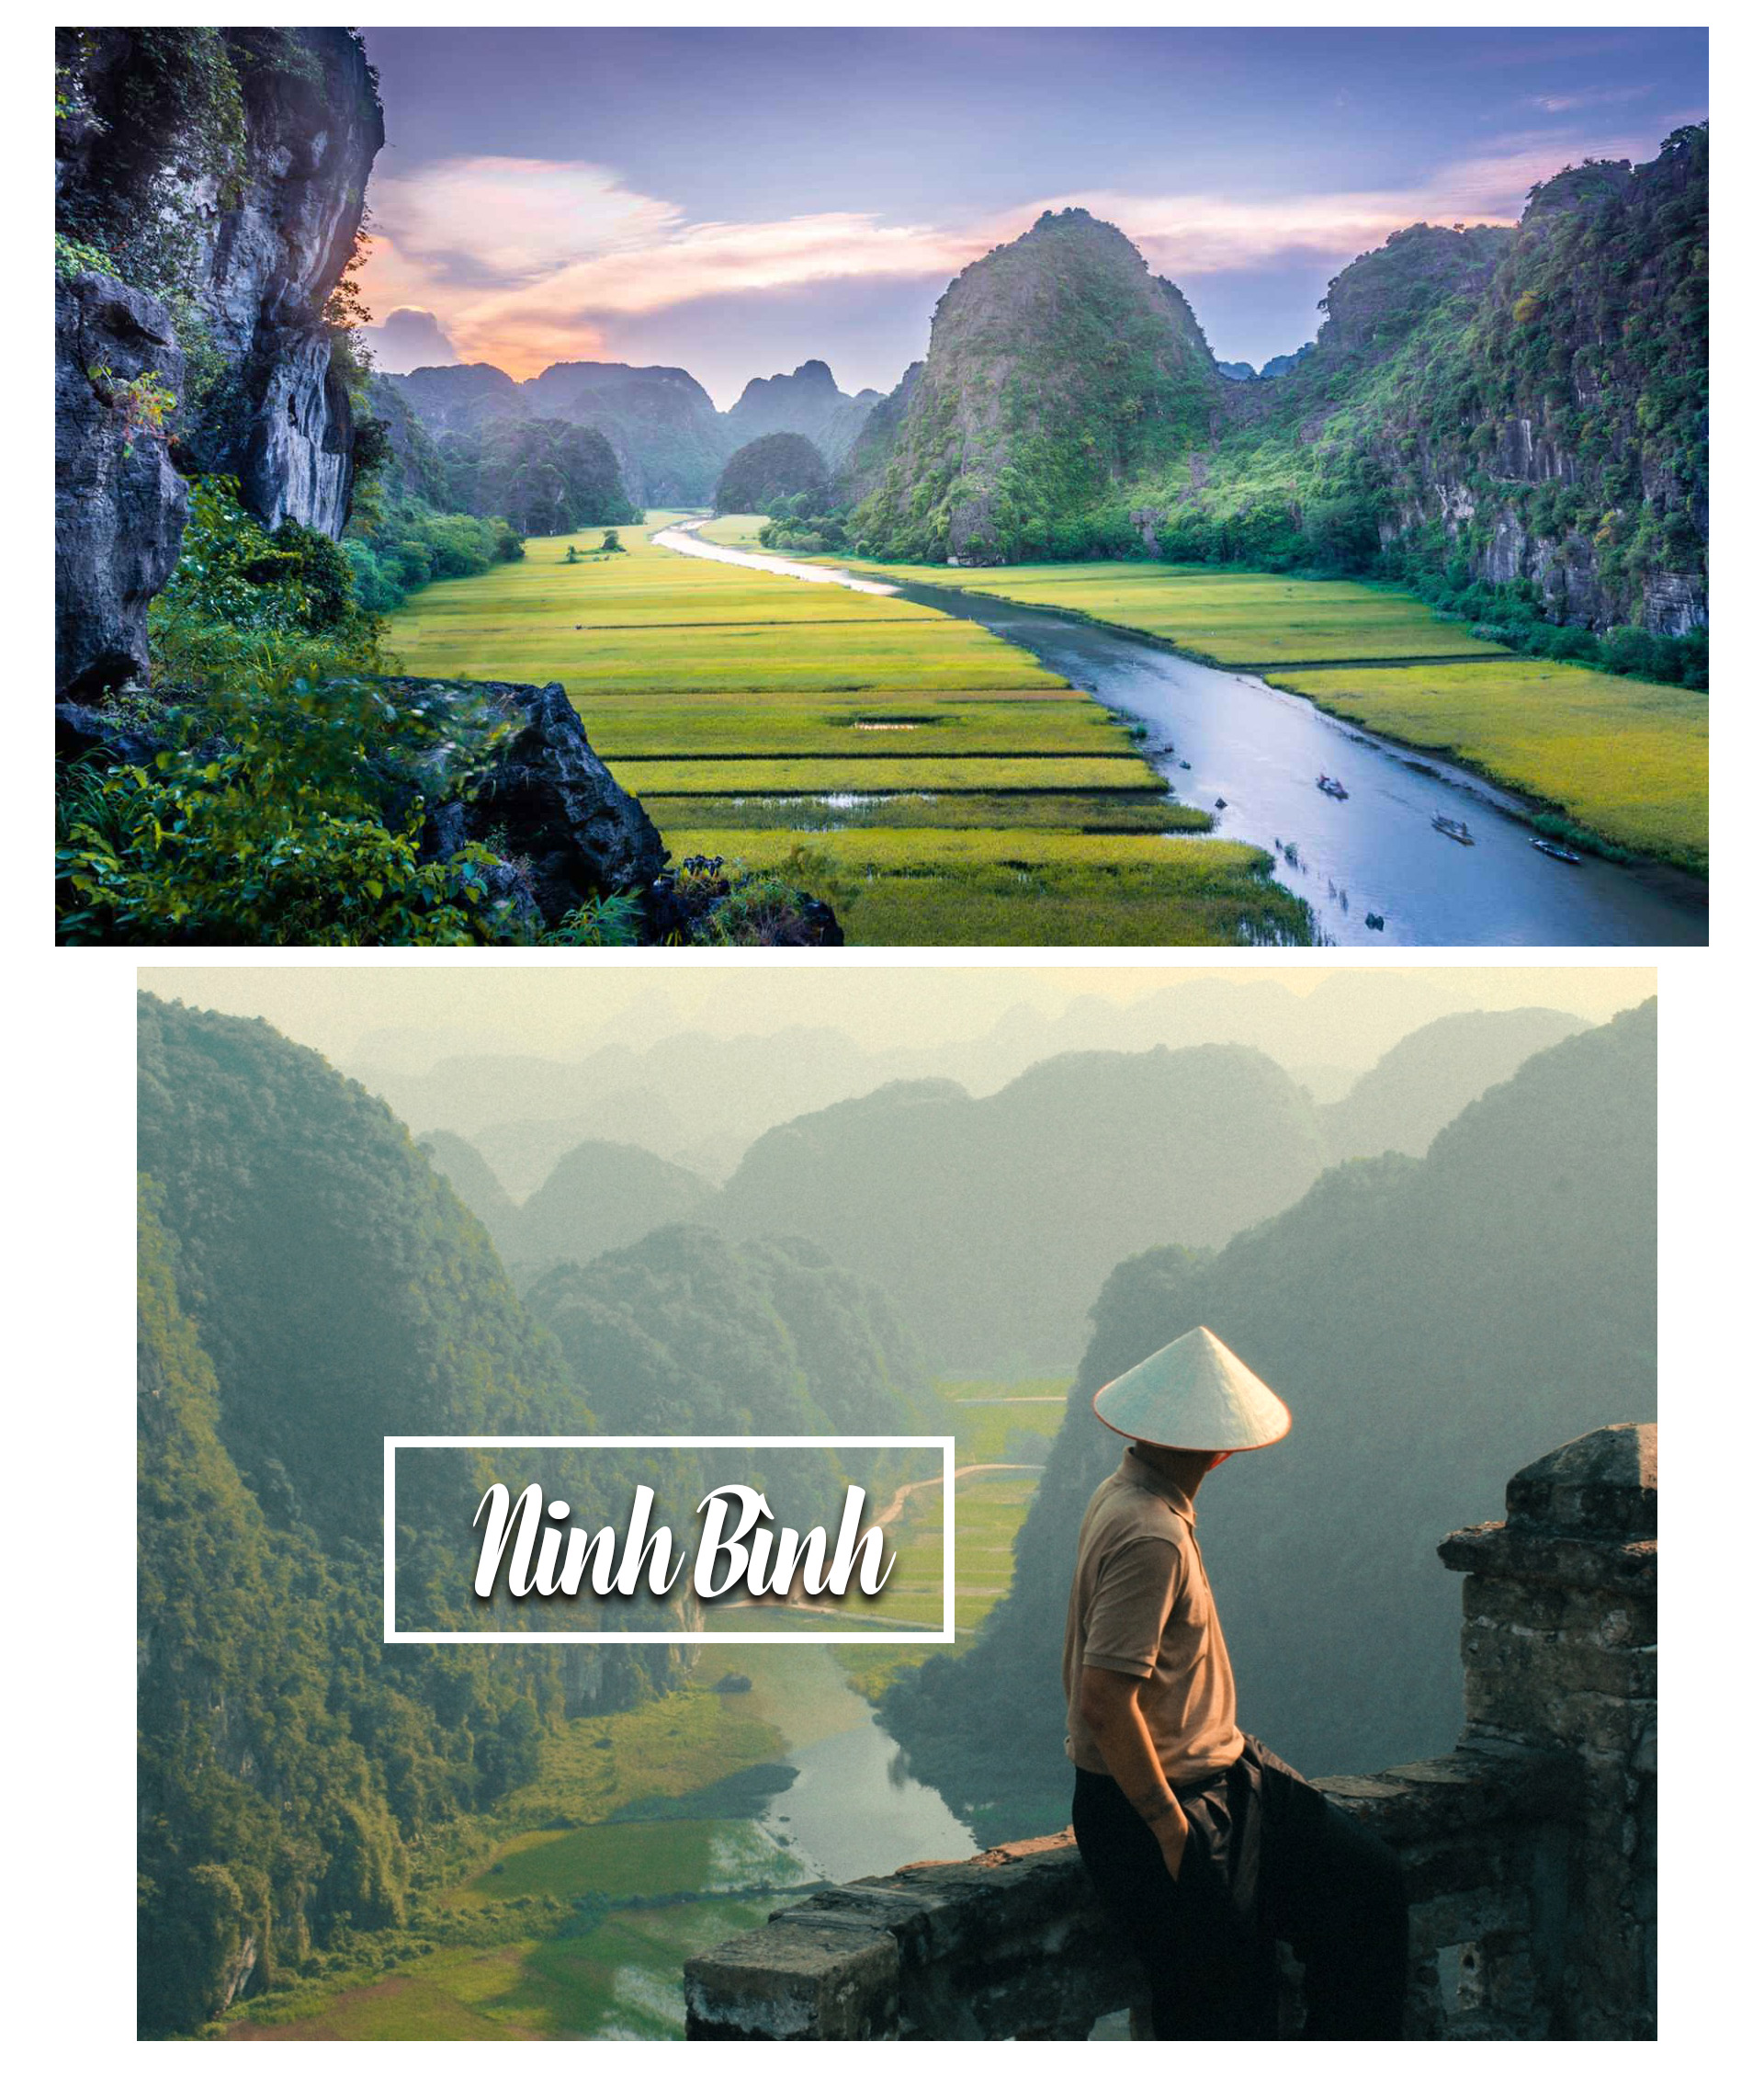 Những phong cảnh đẹp ở Việt Nam được du khách Tây yêu thích - 8